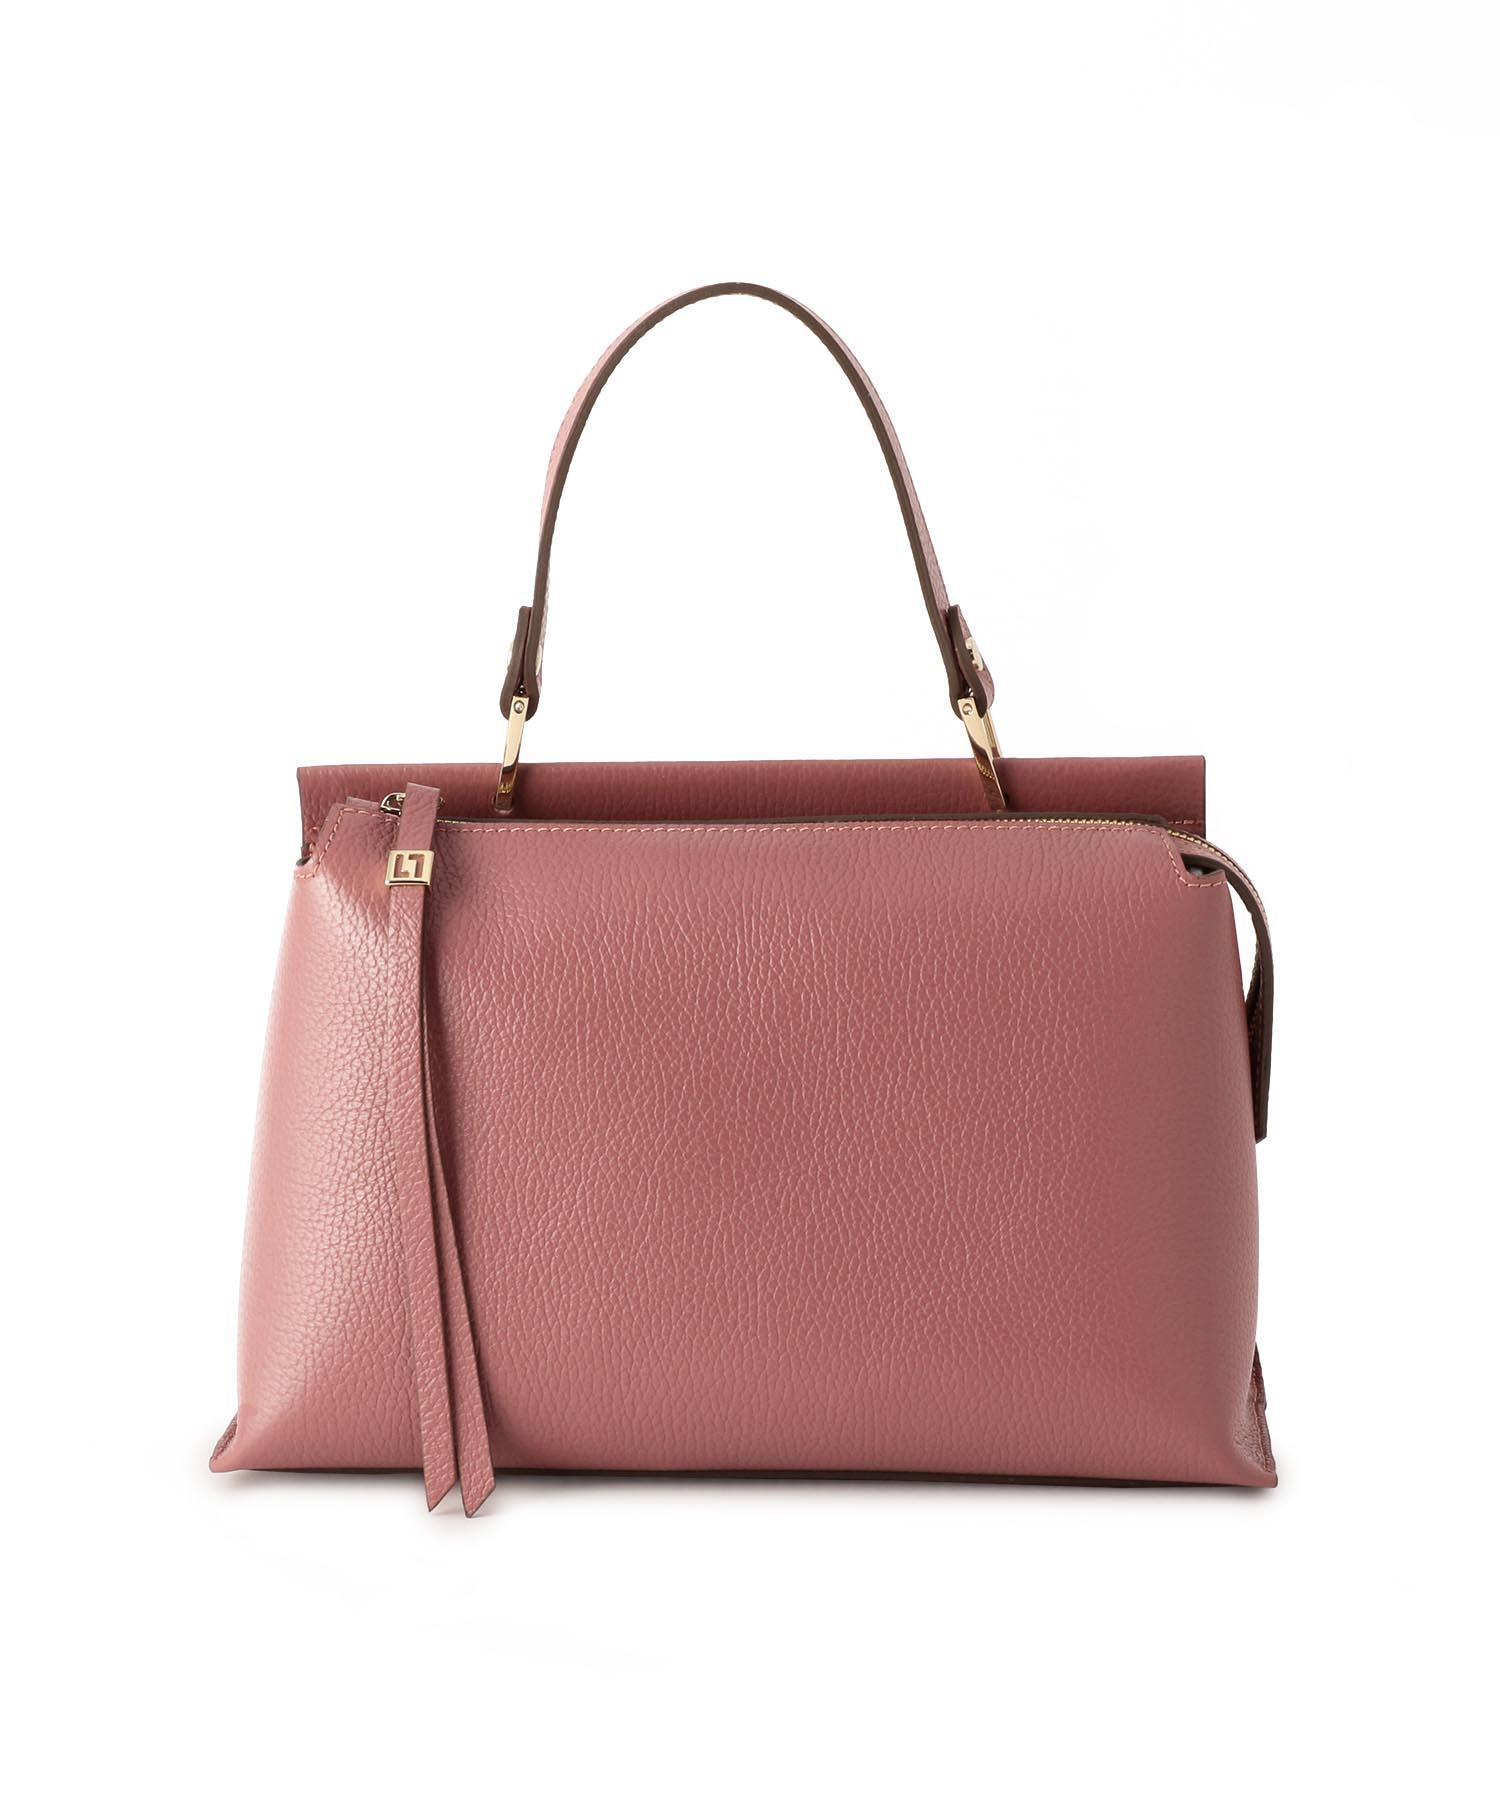 LORISTELLA ショルダーストラップ付きハンドバッグ